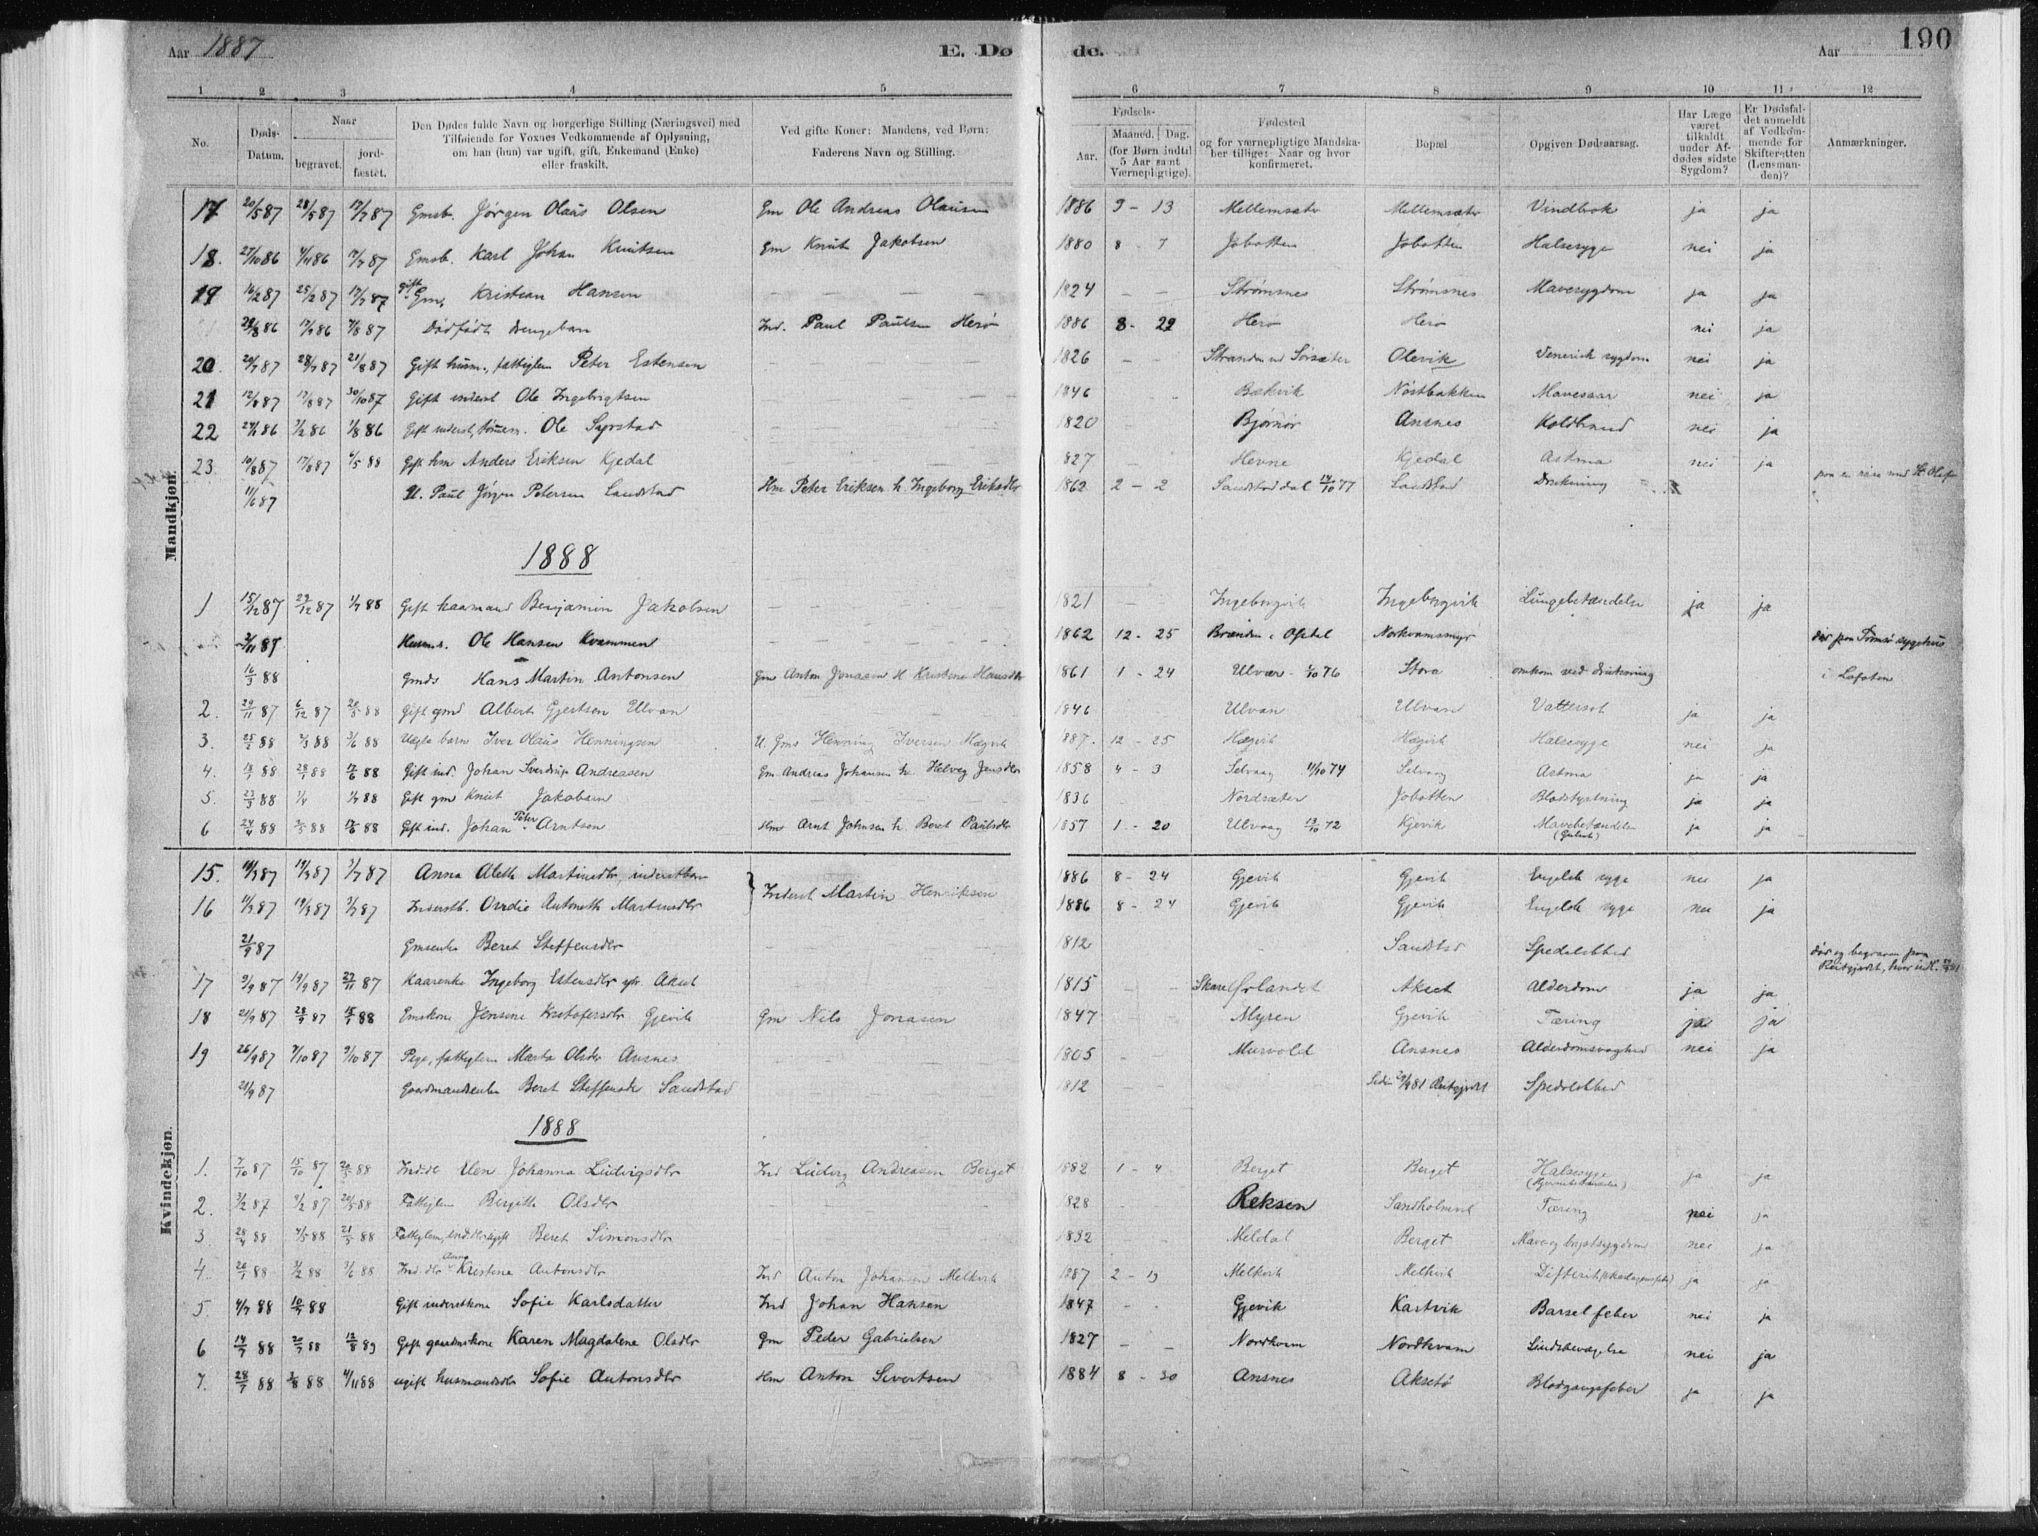 SAT, Ministerialprotokoller, klokkerbøker og fødselsregistre - Sør-Trøndelag, 637/L0558: Ministerialbok nr. 637A01, 1882-1899, s. 190